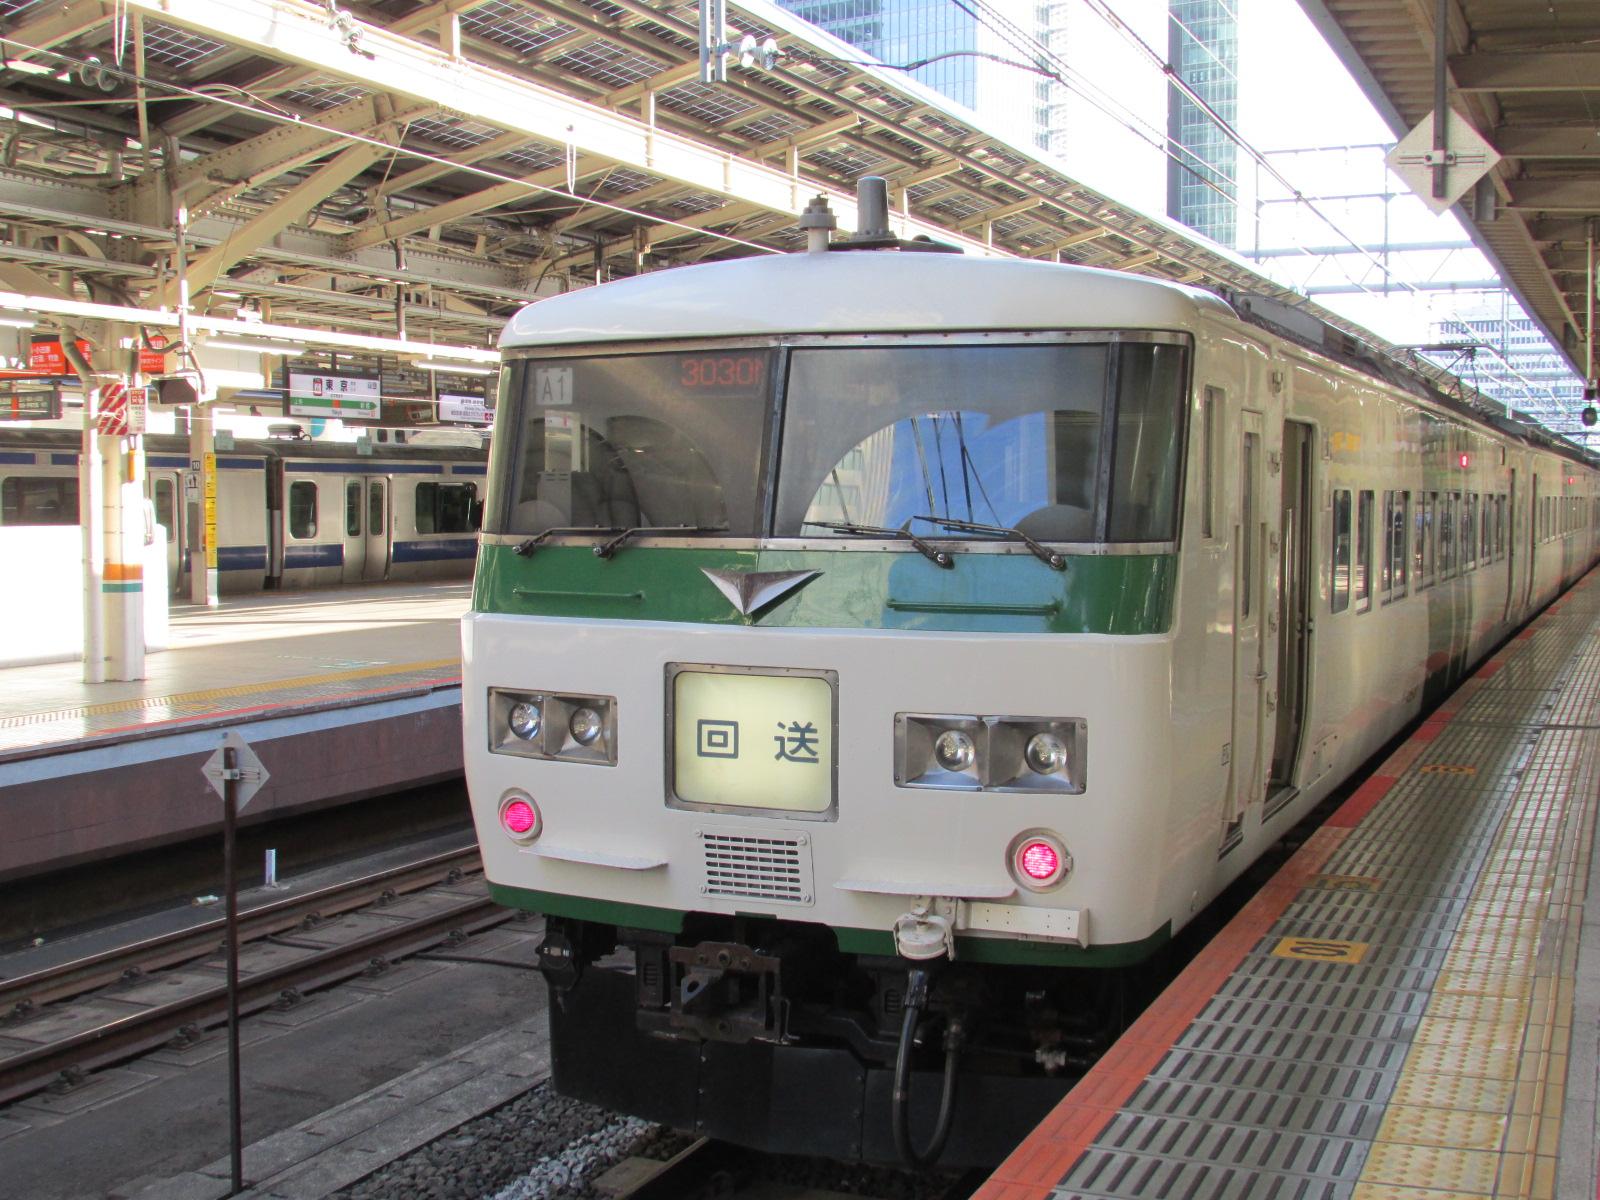 f:id:hiro-jp:20210227155400j:plain